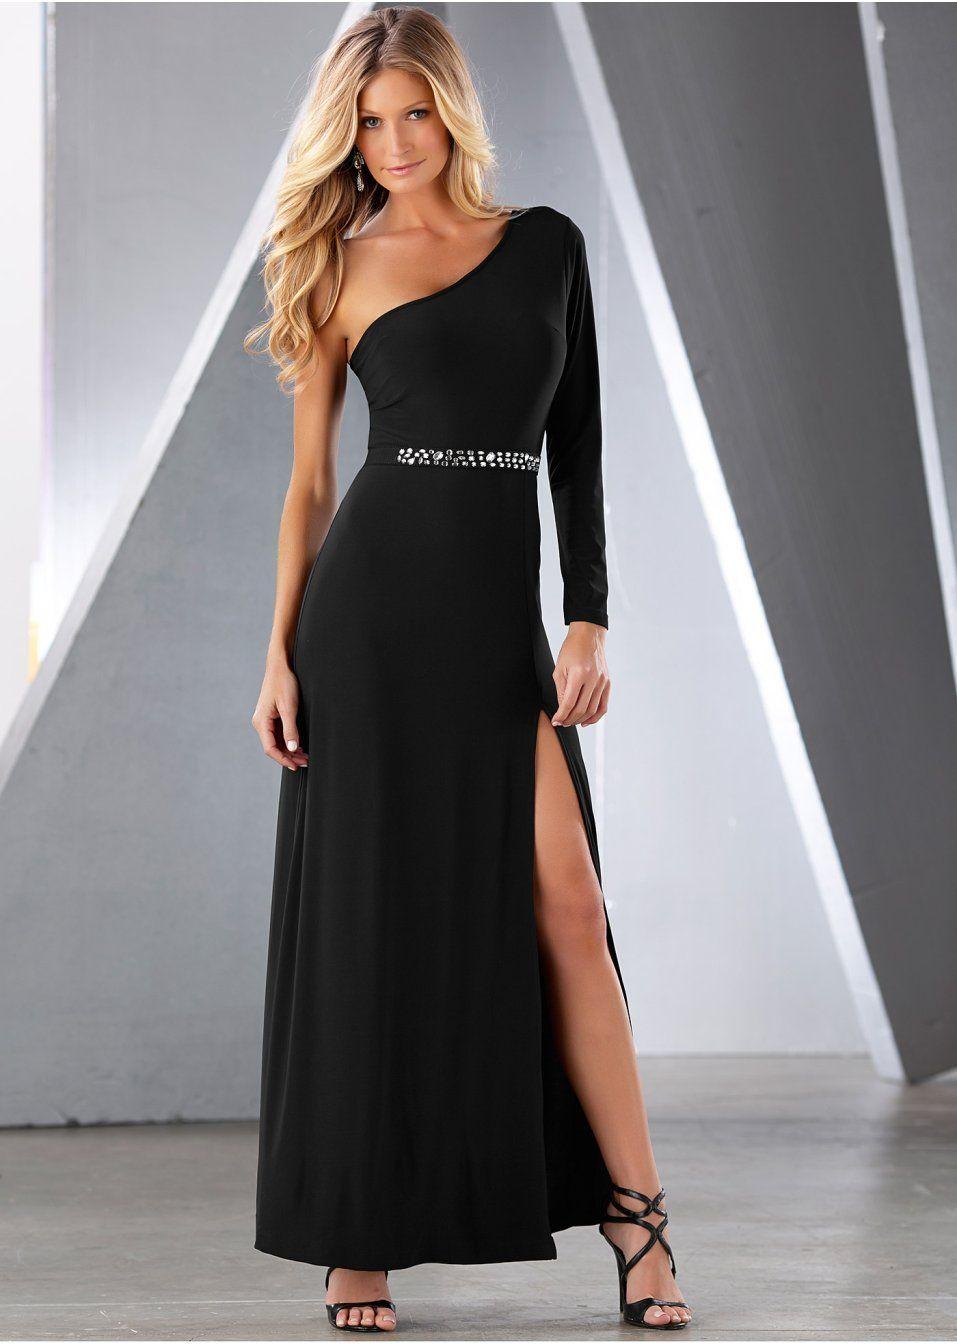 Für einen glanzvollen Auftritt! One-Shoulder-Kleid mit Schlitz am Bein. Vorne mit Strassbesatz für eine betonte Taille. Aus weichem Jerseystoff.